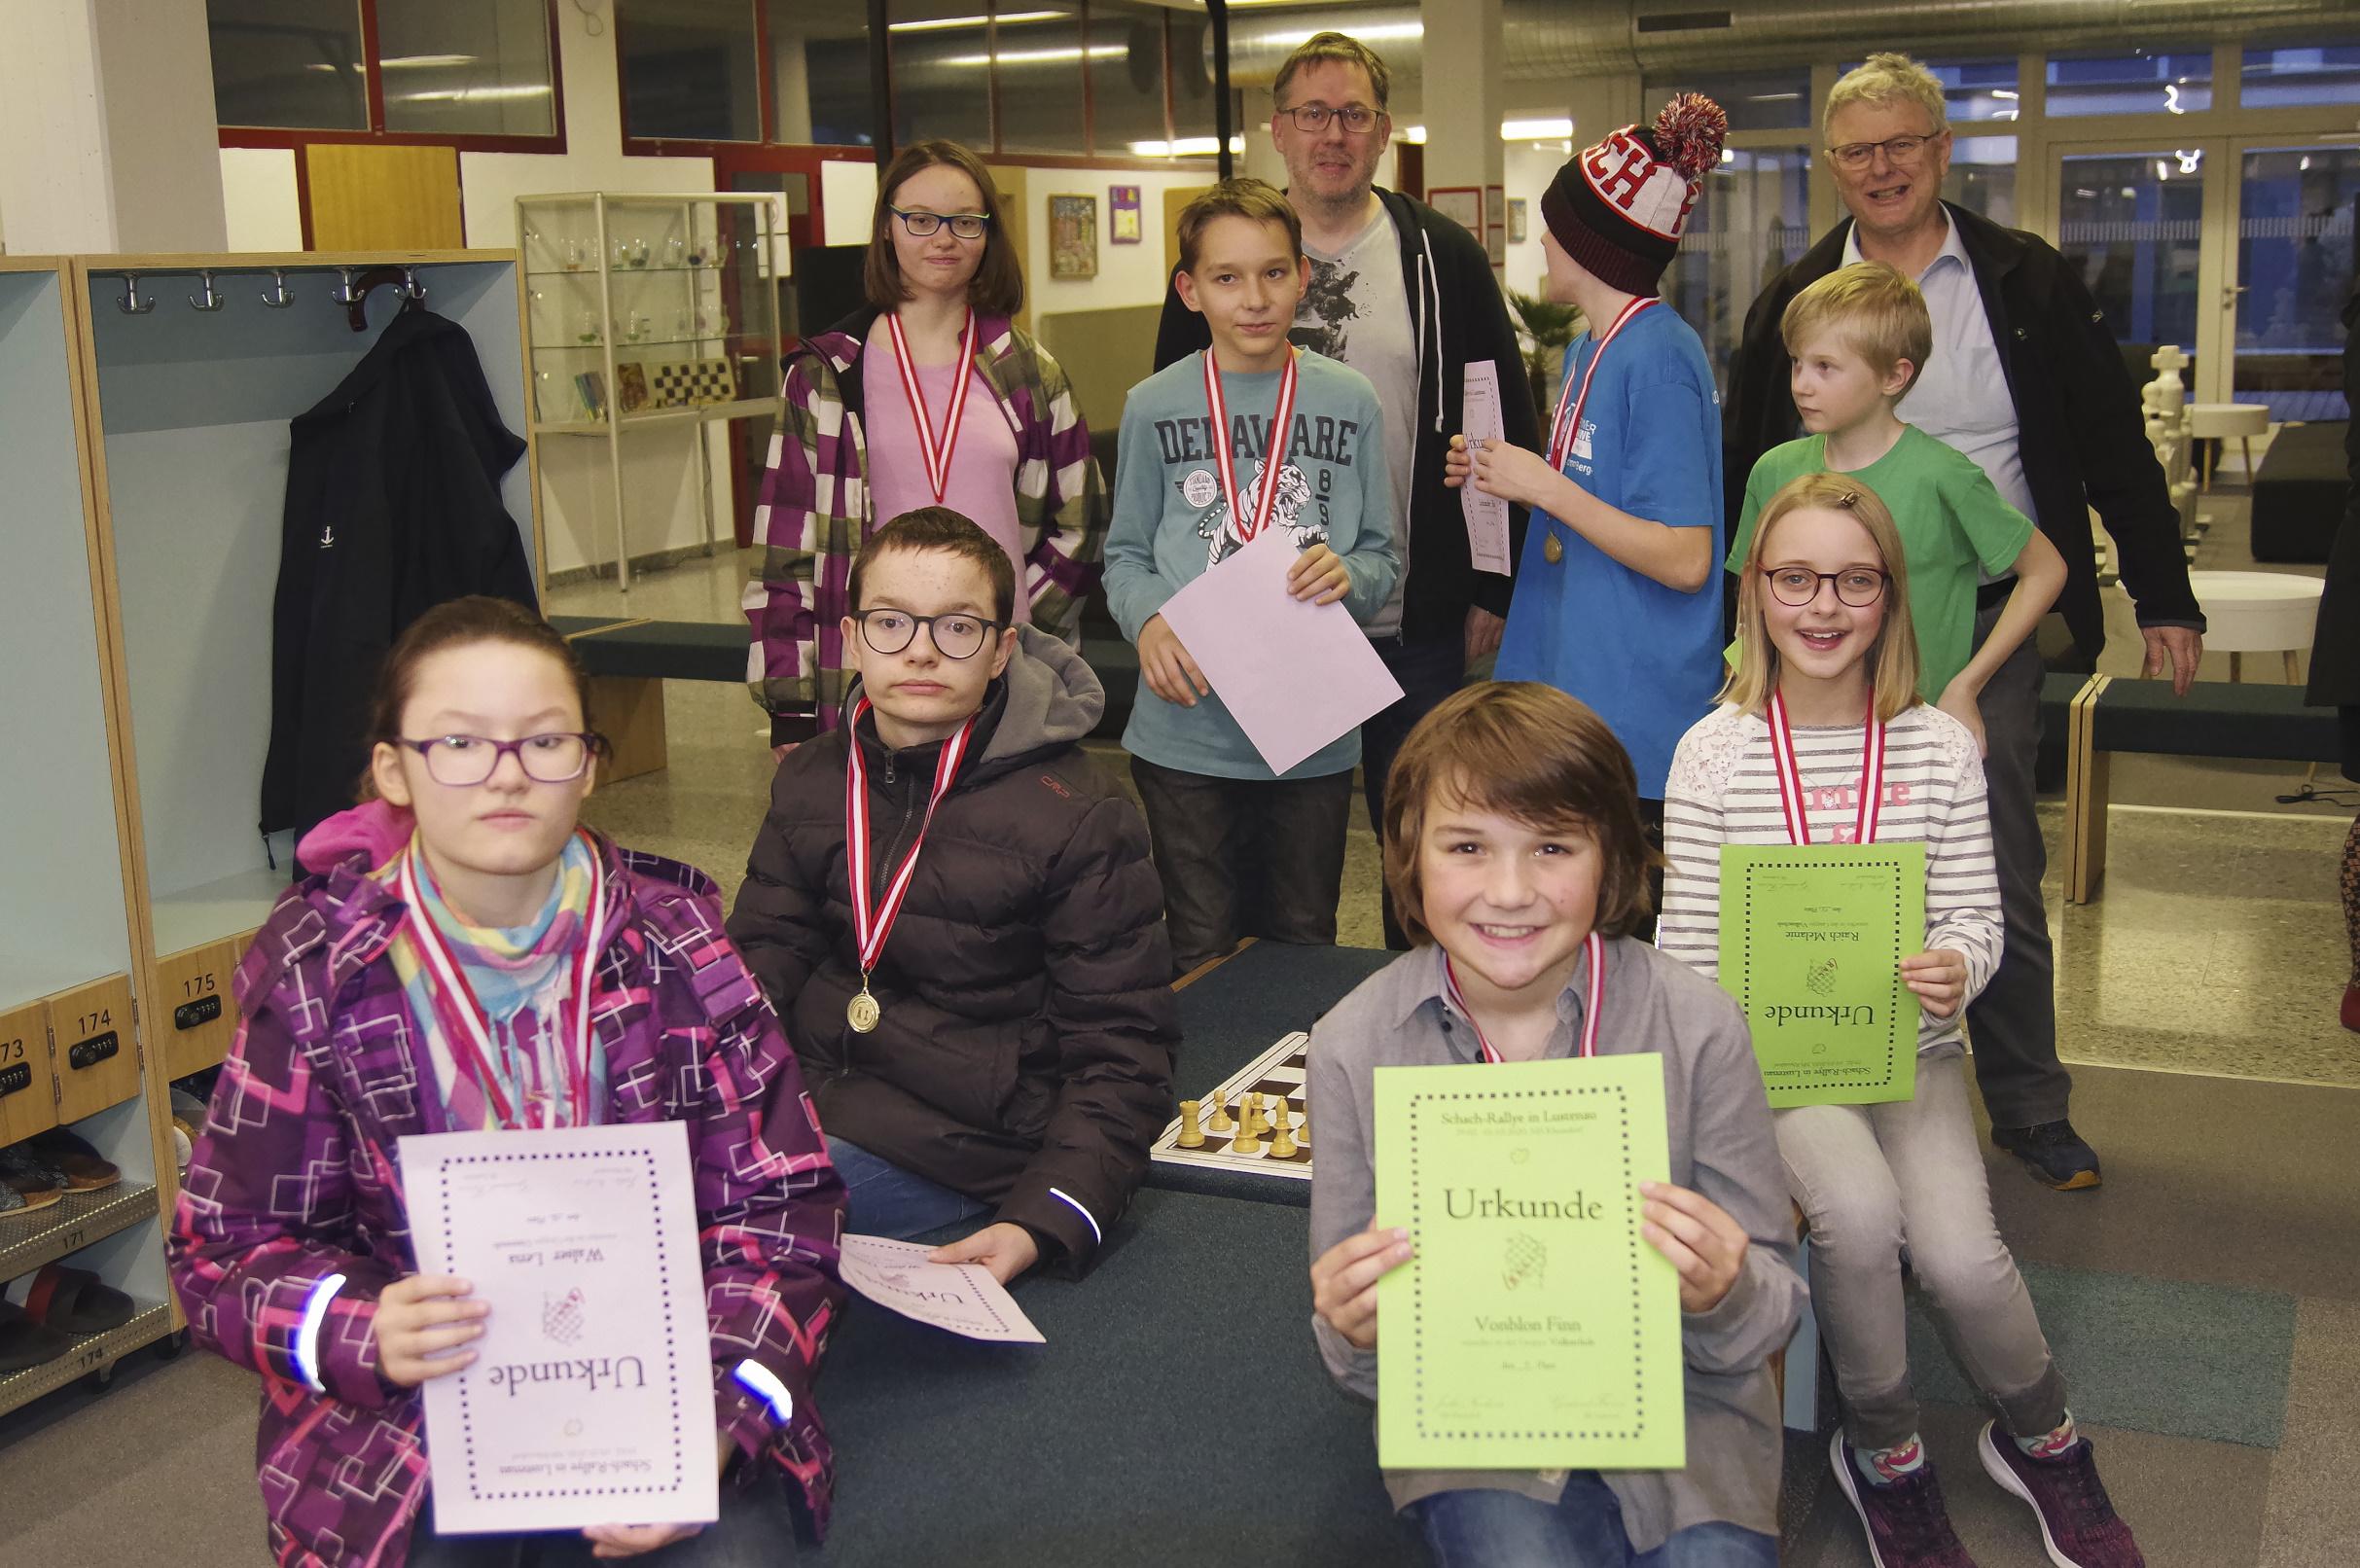 TeilnehmerInnen am Schulenturnier in Lustenau